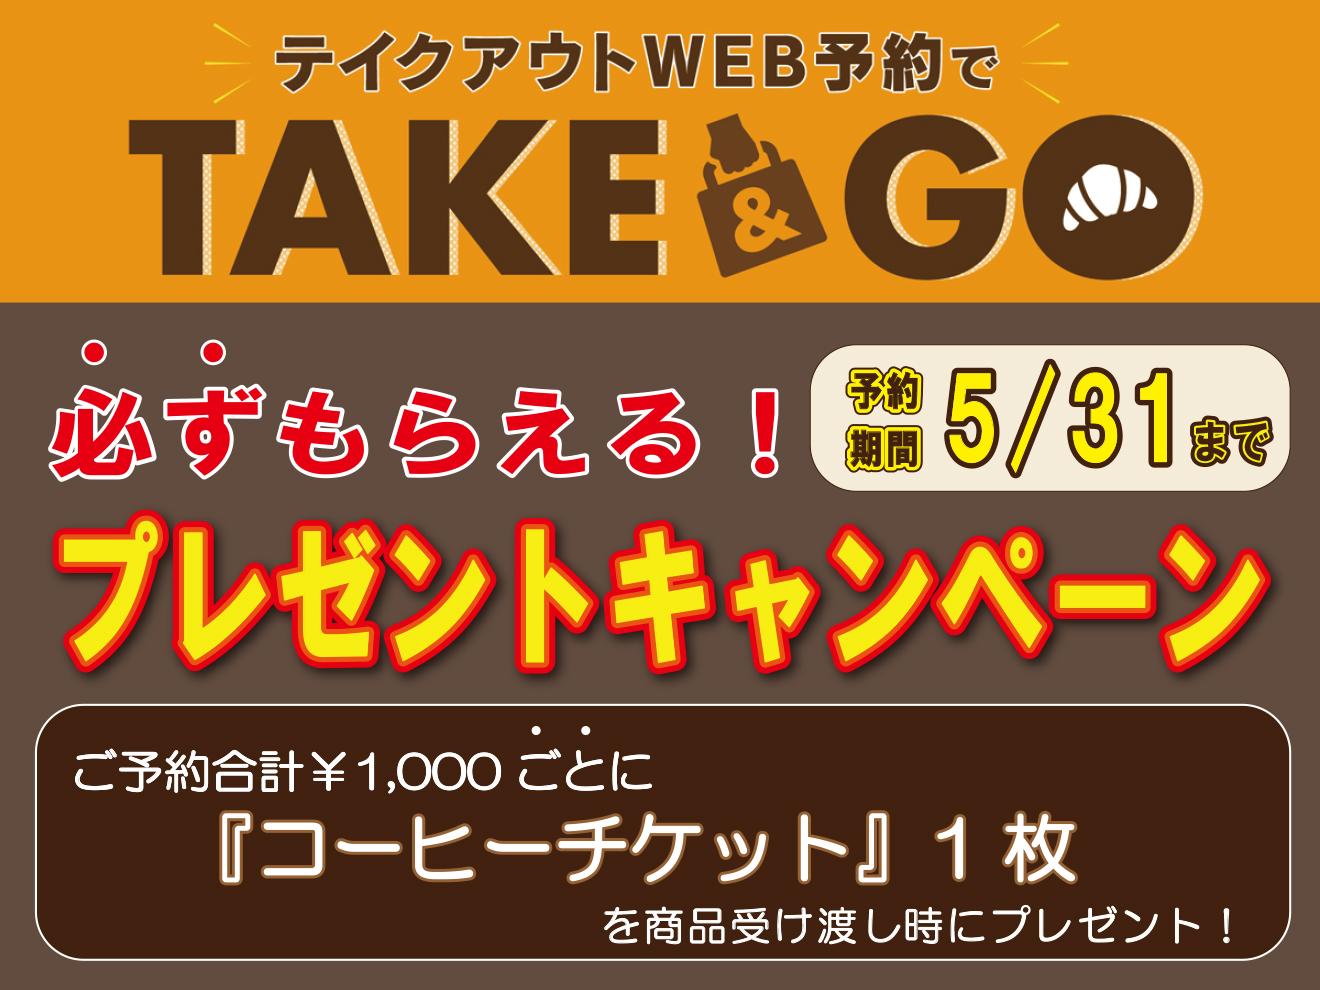 プレゼントキャンペーン(5/1~31)のお知らせ